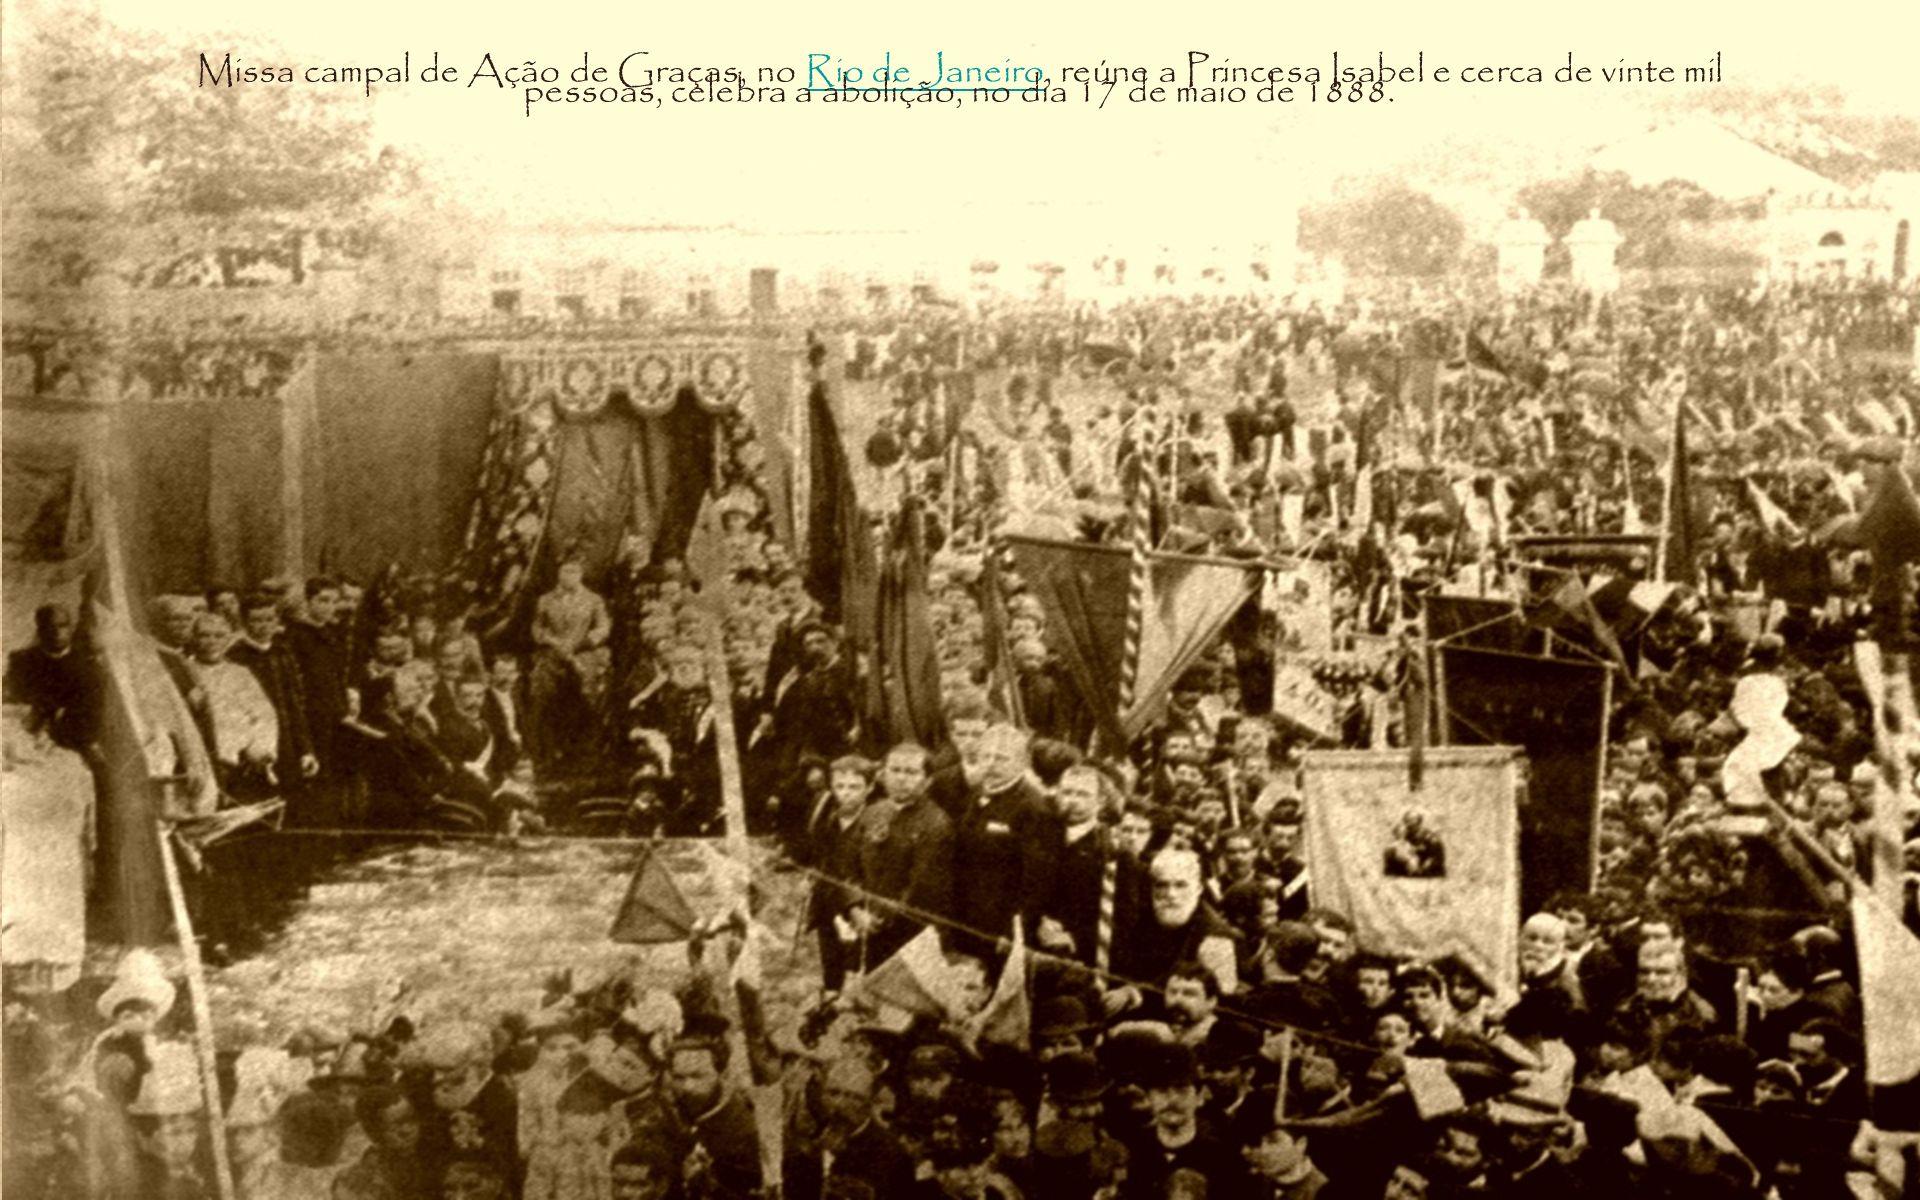 Missa campal de Ação de Graças, no Rio de Janeiro, reúne a Princesa Isabel e cerca de vinte mil pessoas, celebra a abolição, no dia 17 de maio de 1888.